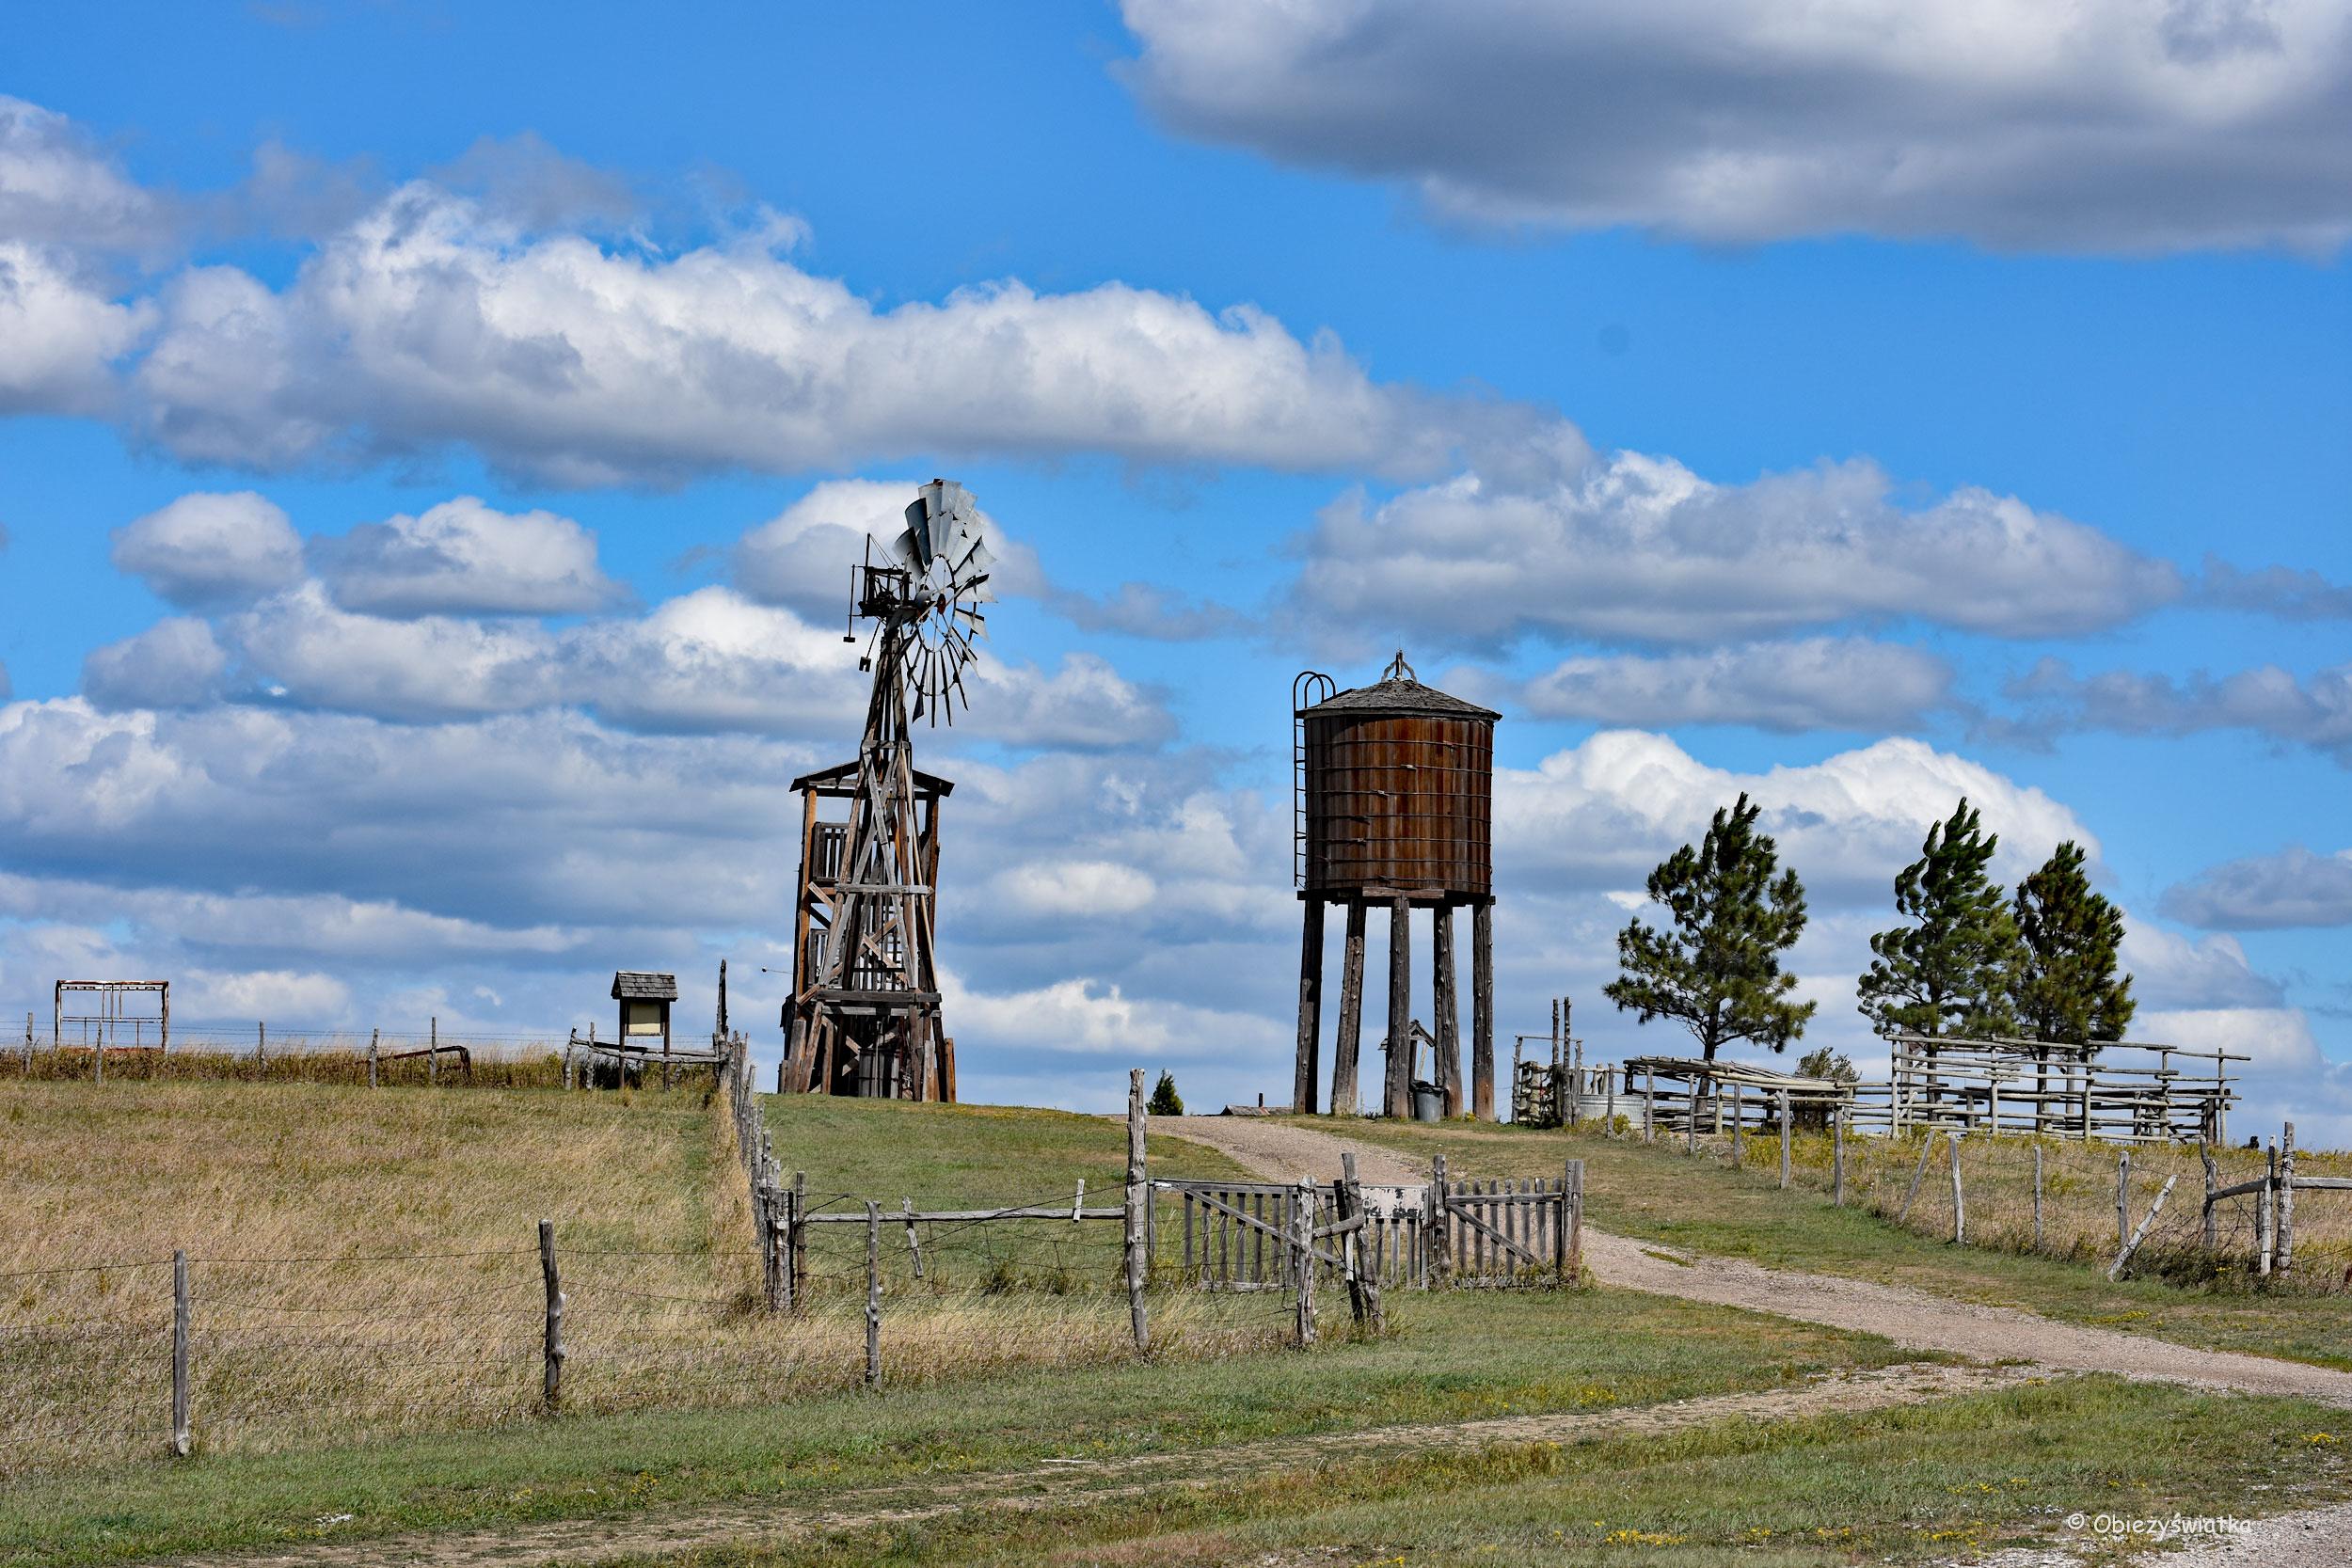 Wieża ciśnień - typowy element amerykańskiego krajobrazu, dawniej i dzisiaj